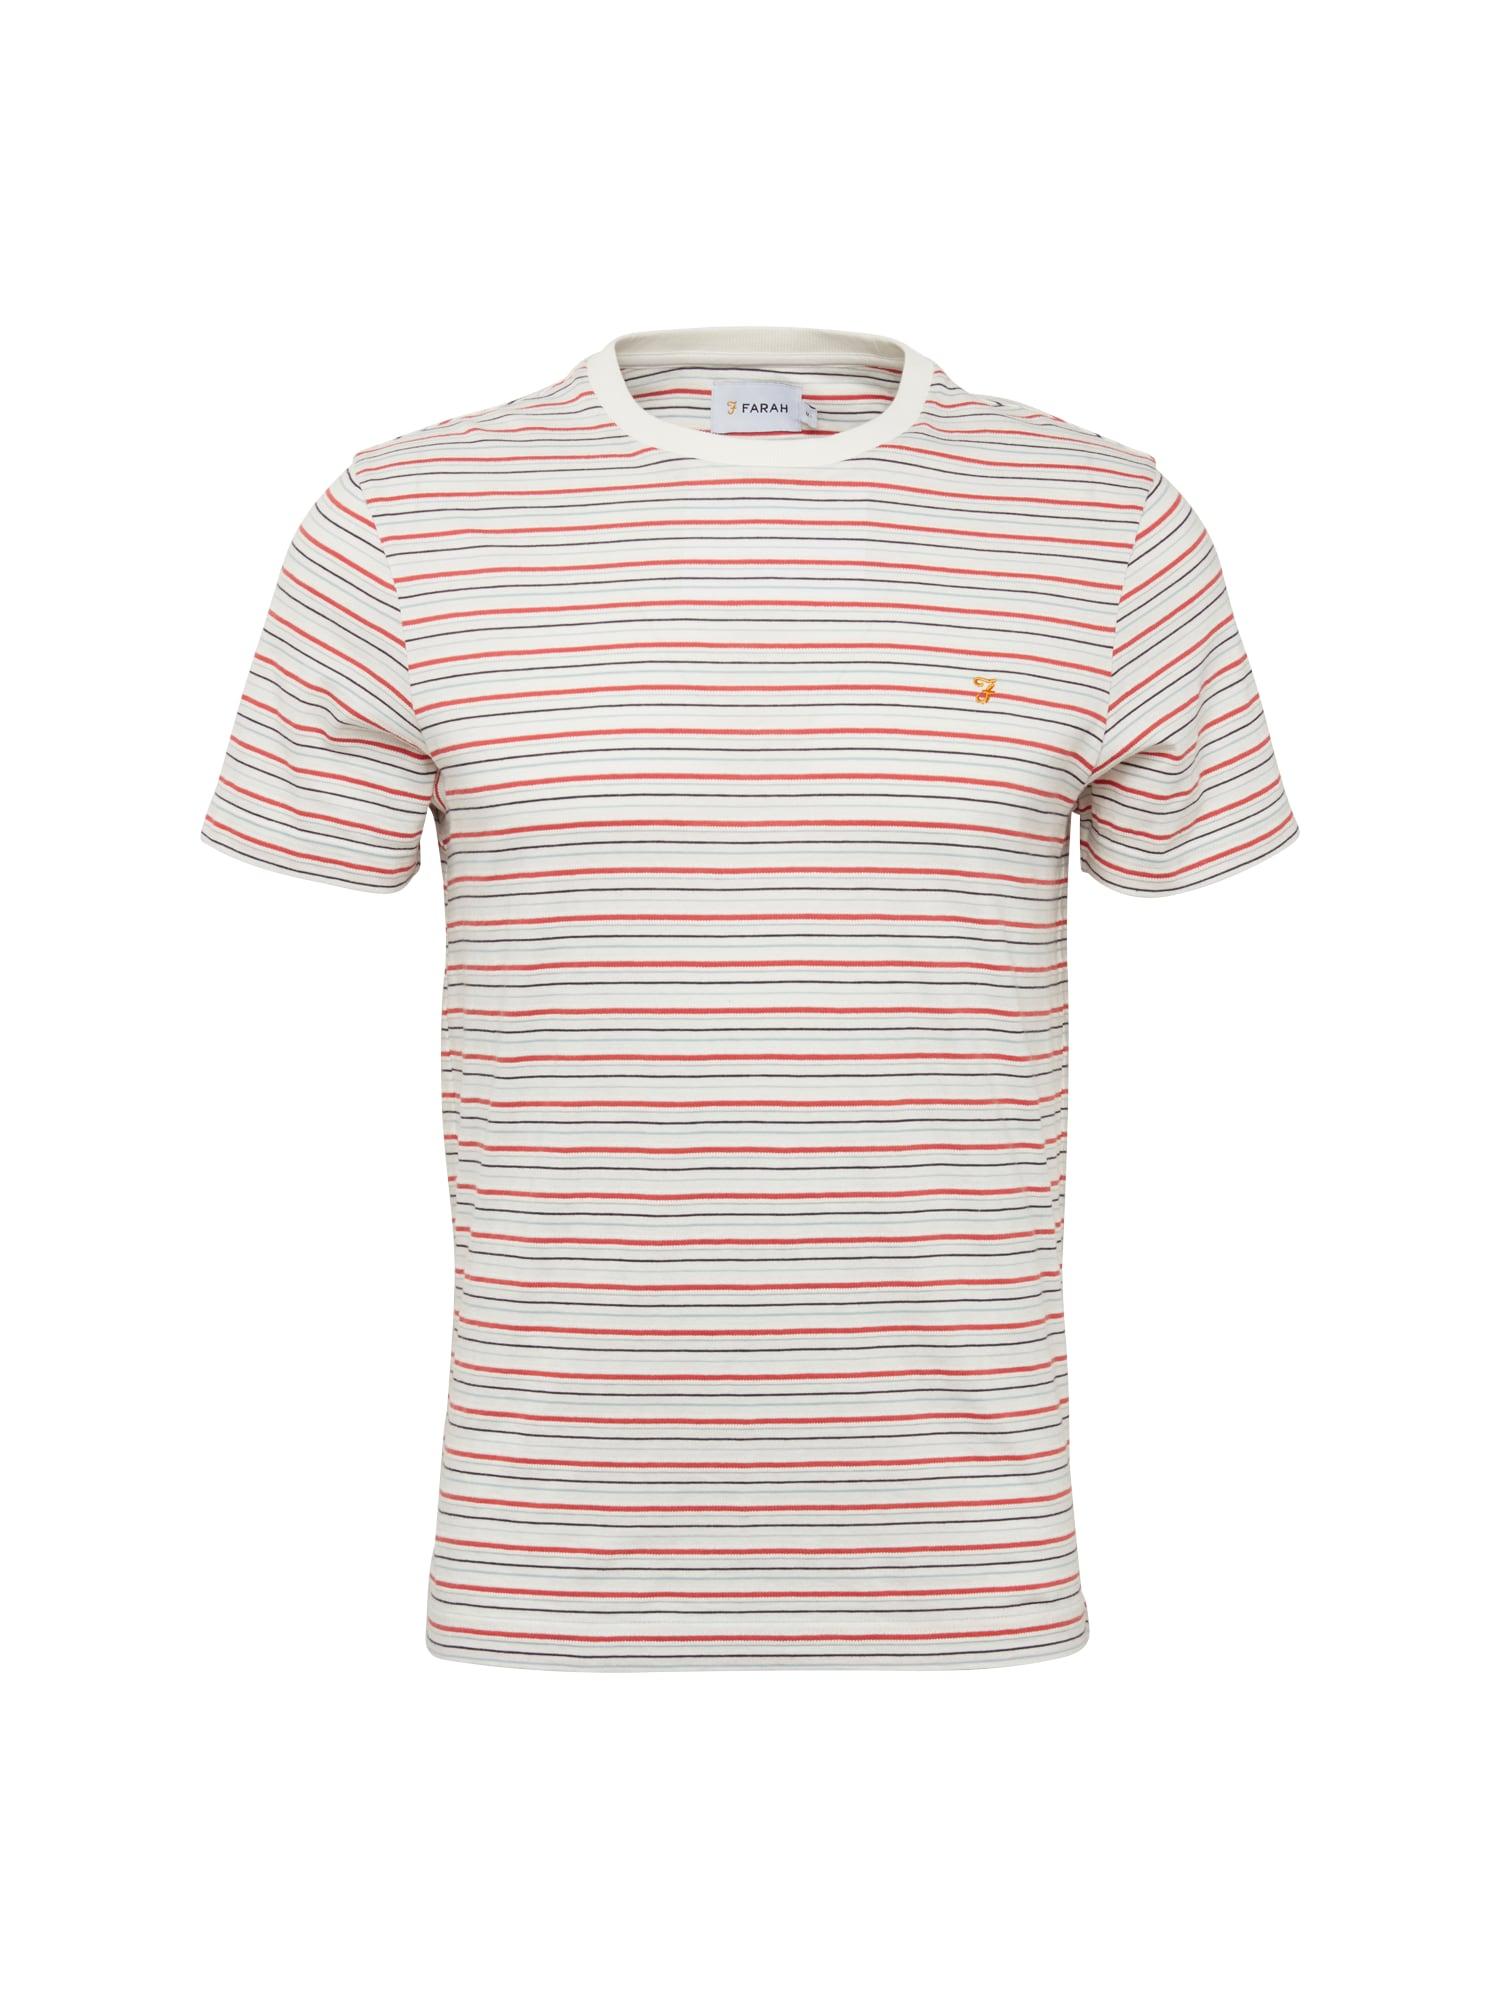 Tričko FAWKES světlemodrá červená bílá FARAH